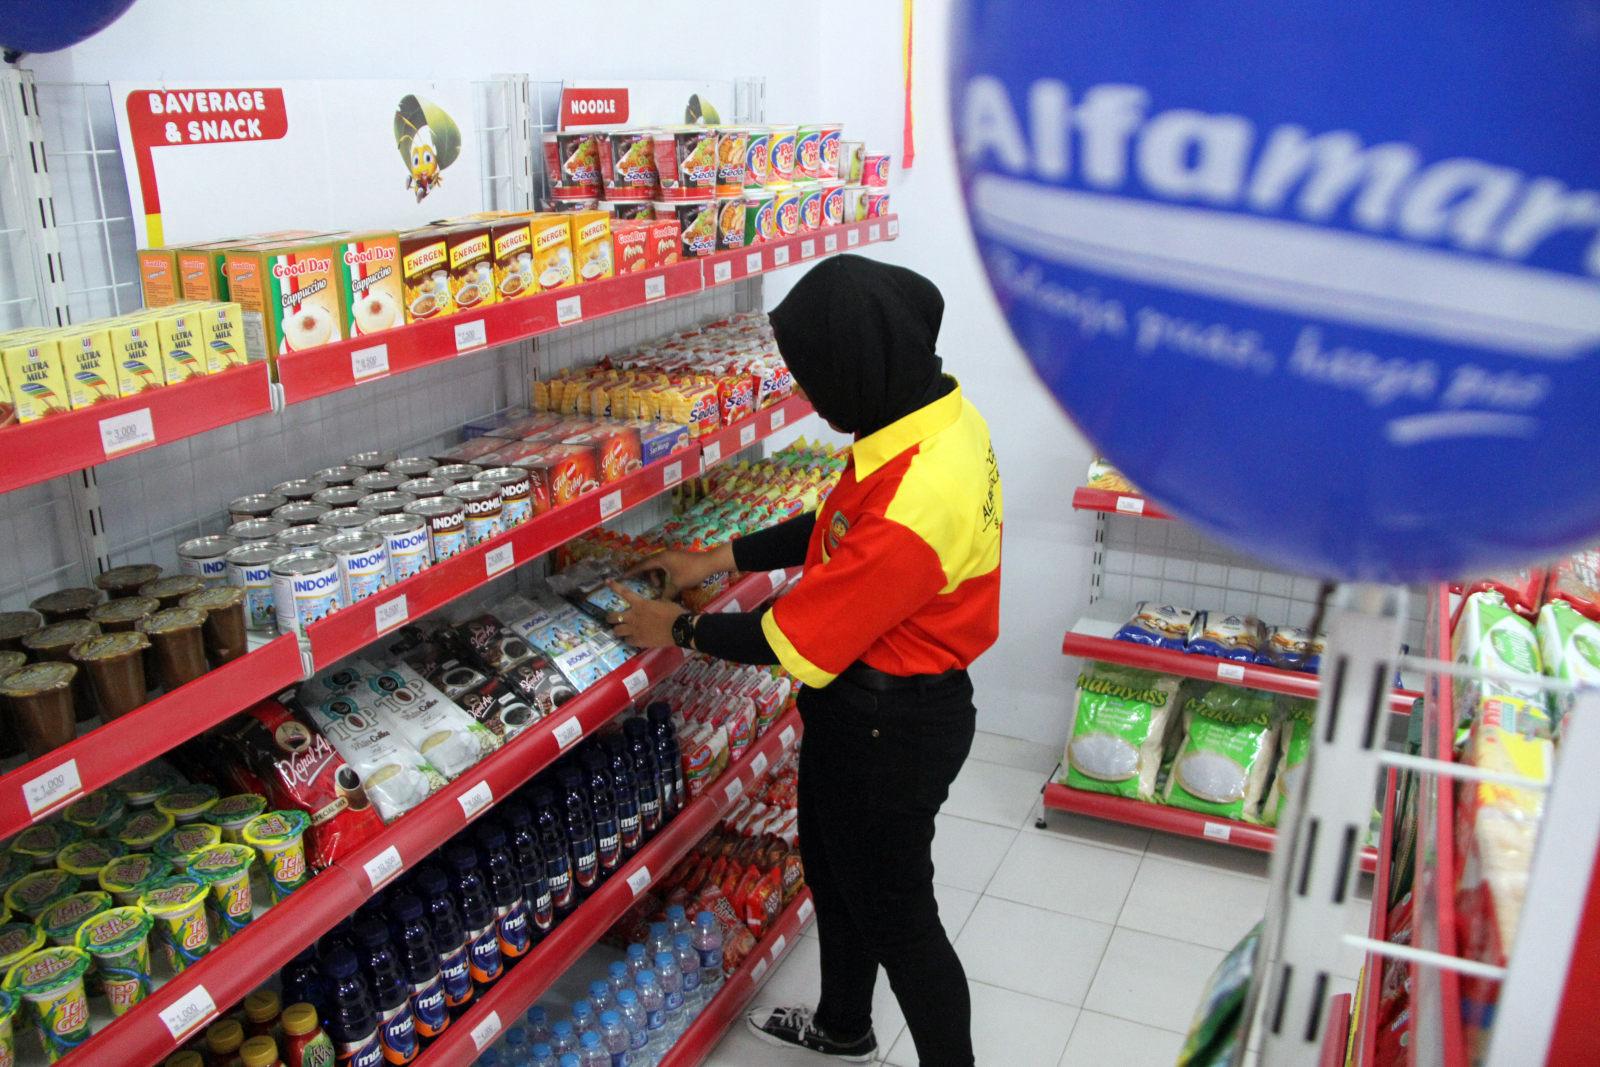 Alfamart Klaim Mi Korea yang Dijual Sudah Berlisensi Resmi